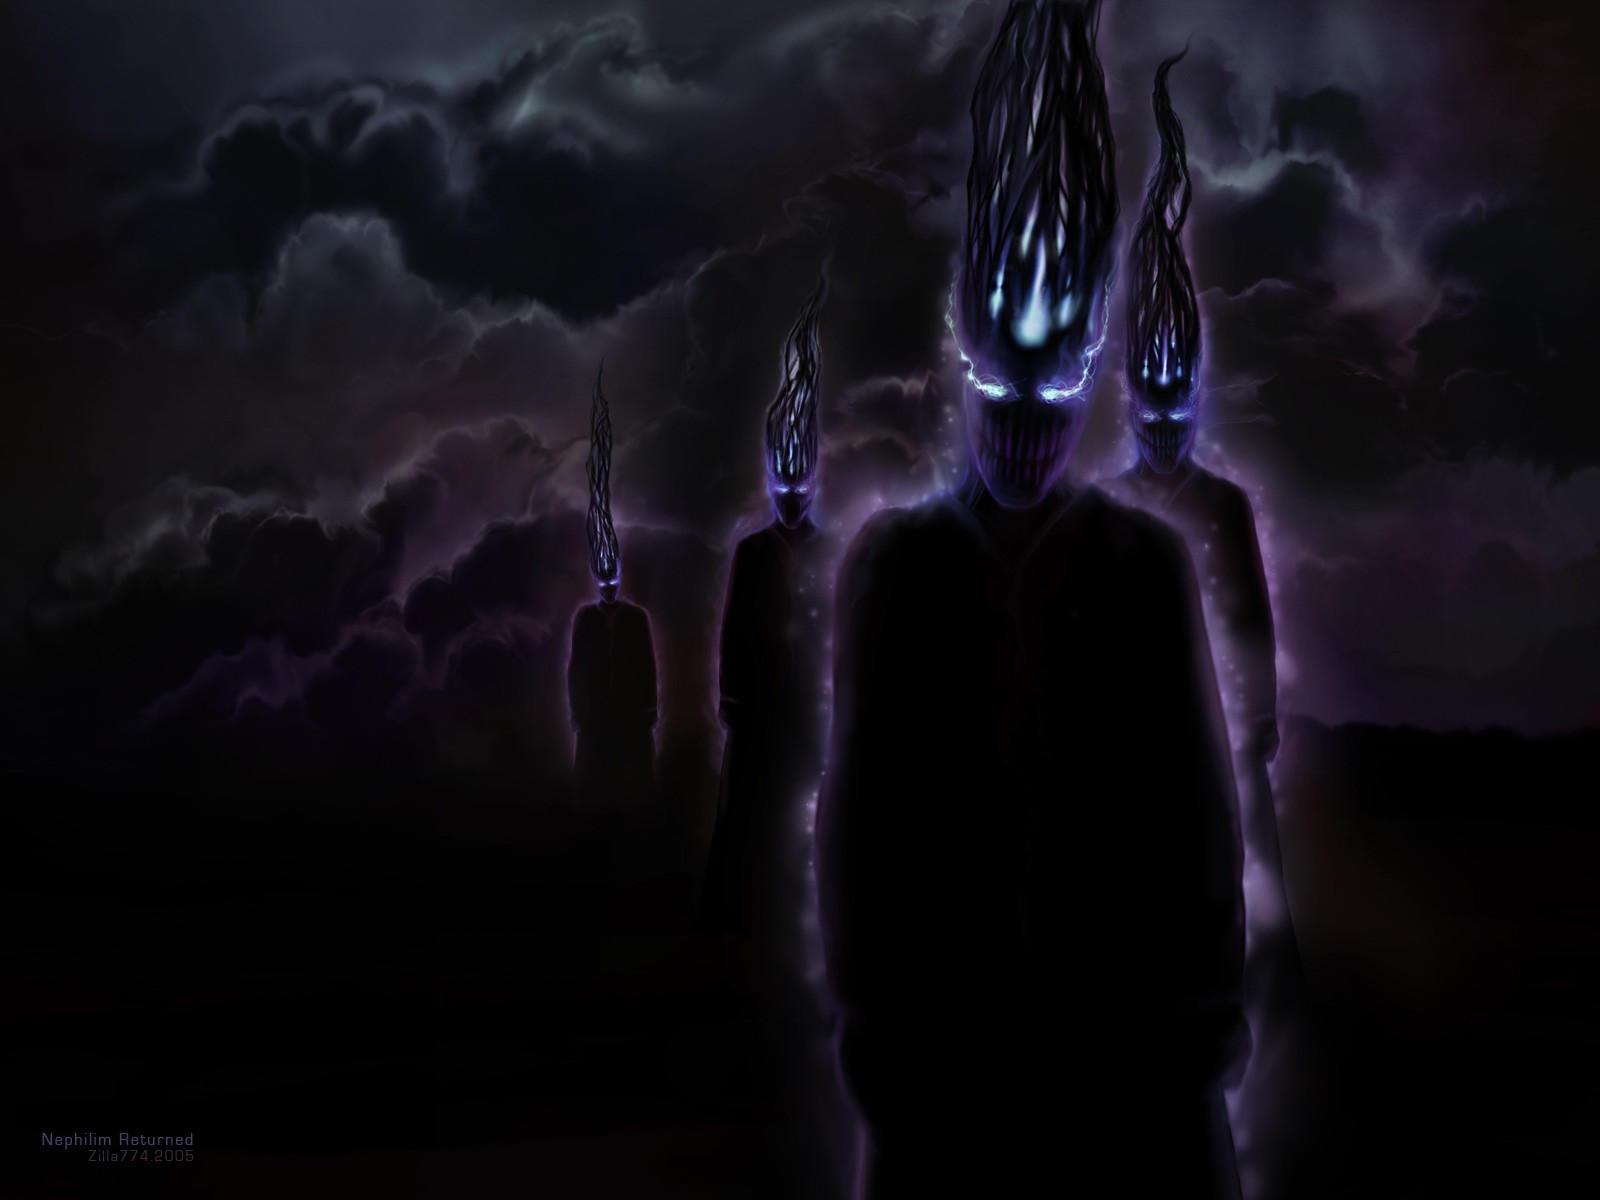 Тёмные призраки из темноты